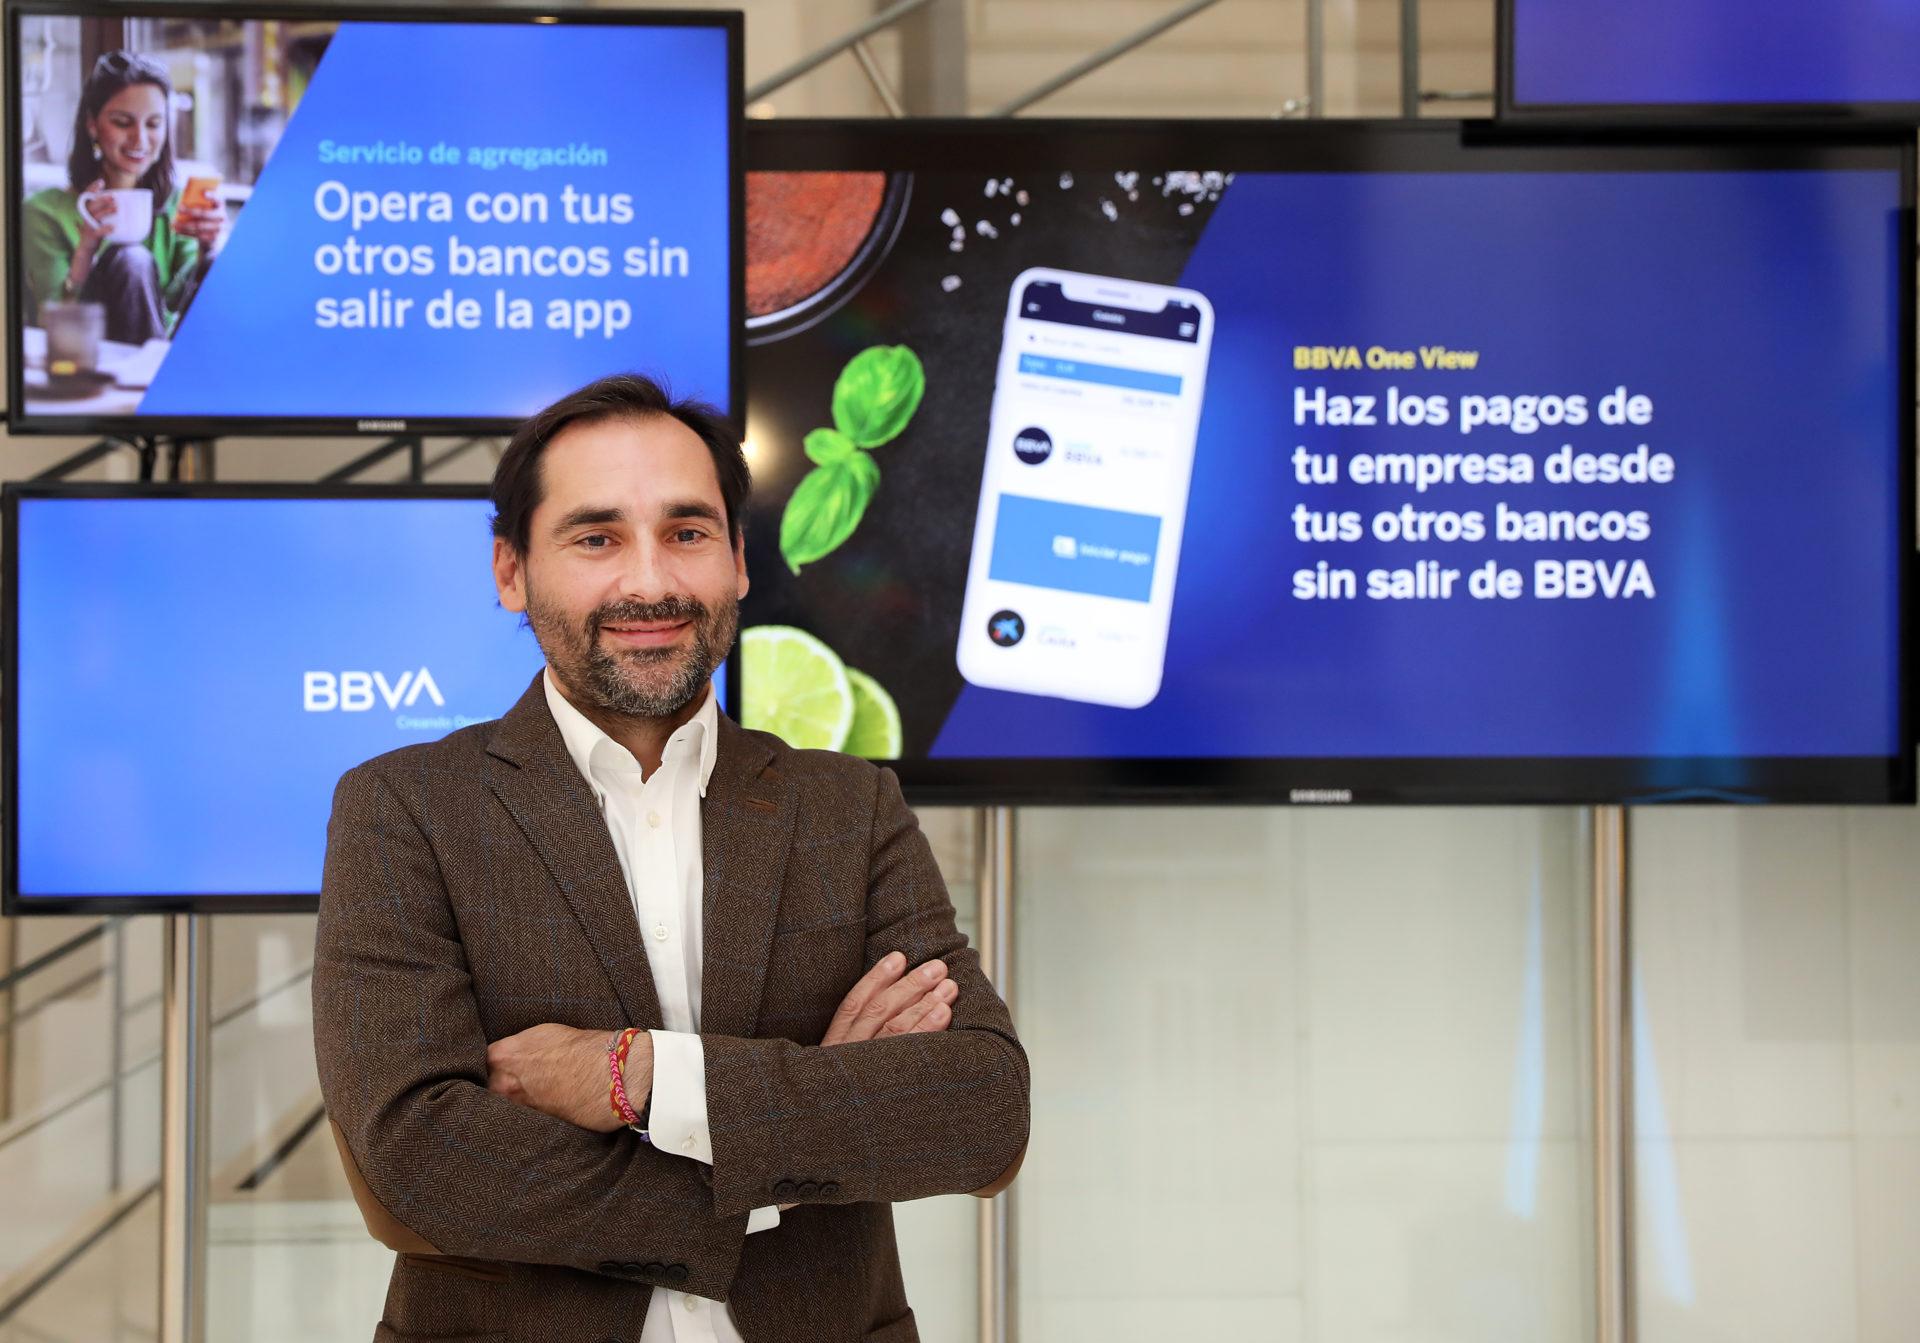 Antonio Macías-app-bbva-medios-pago-transformación-digital